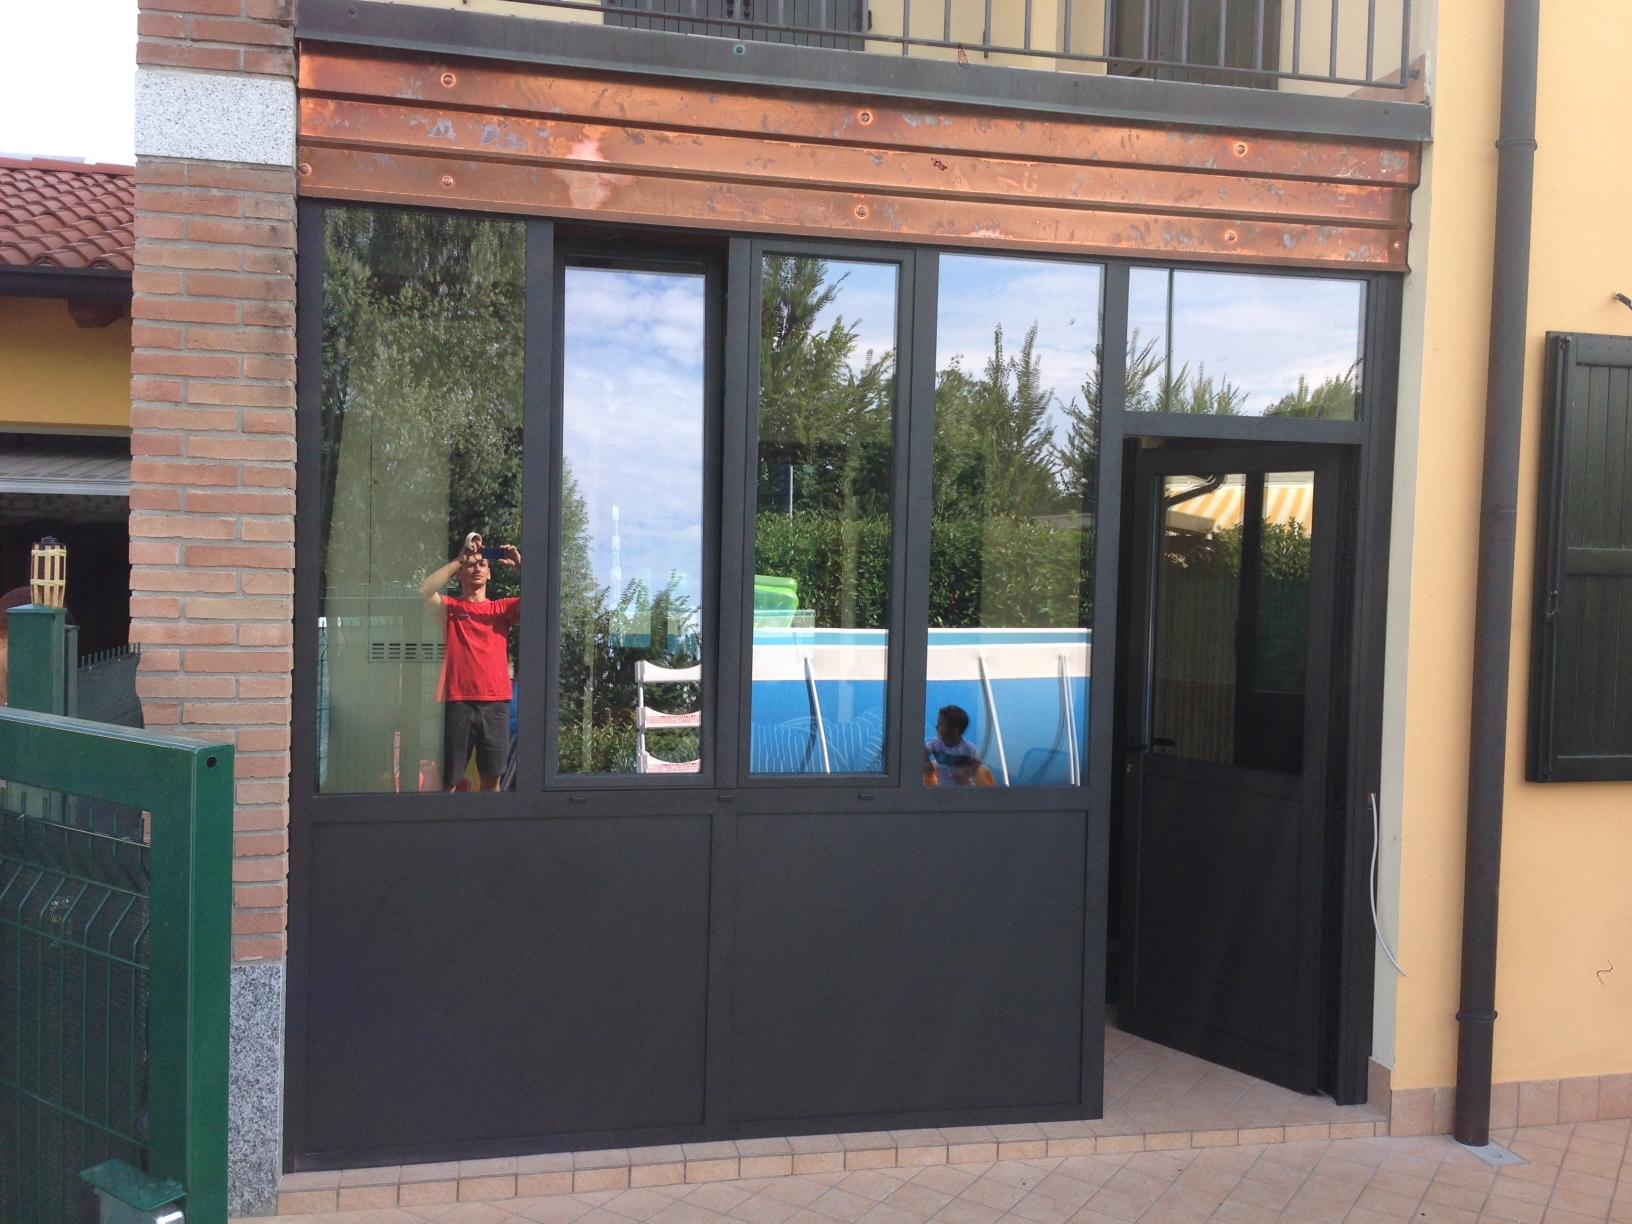 Chiusure porticati verande - Chiusure per finestre in legno ...